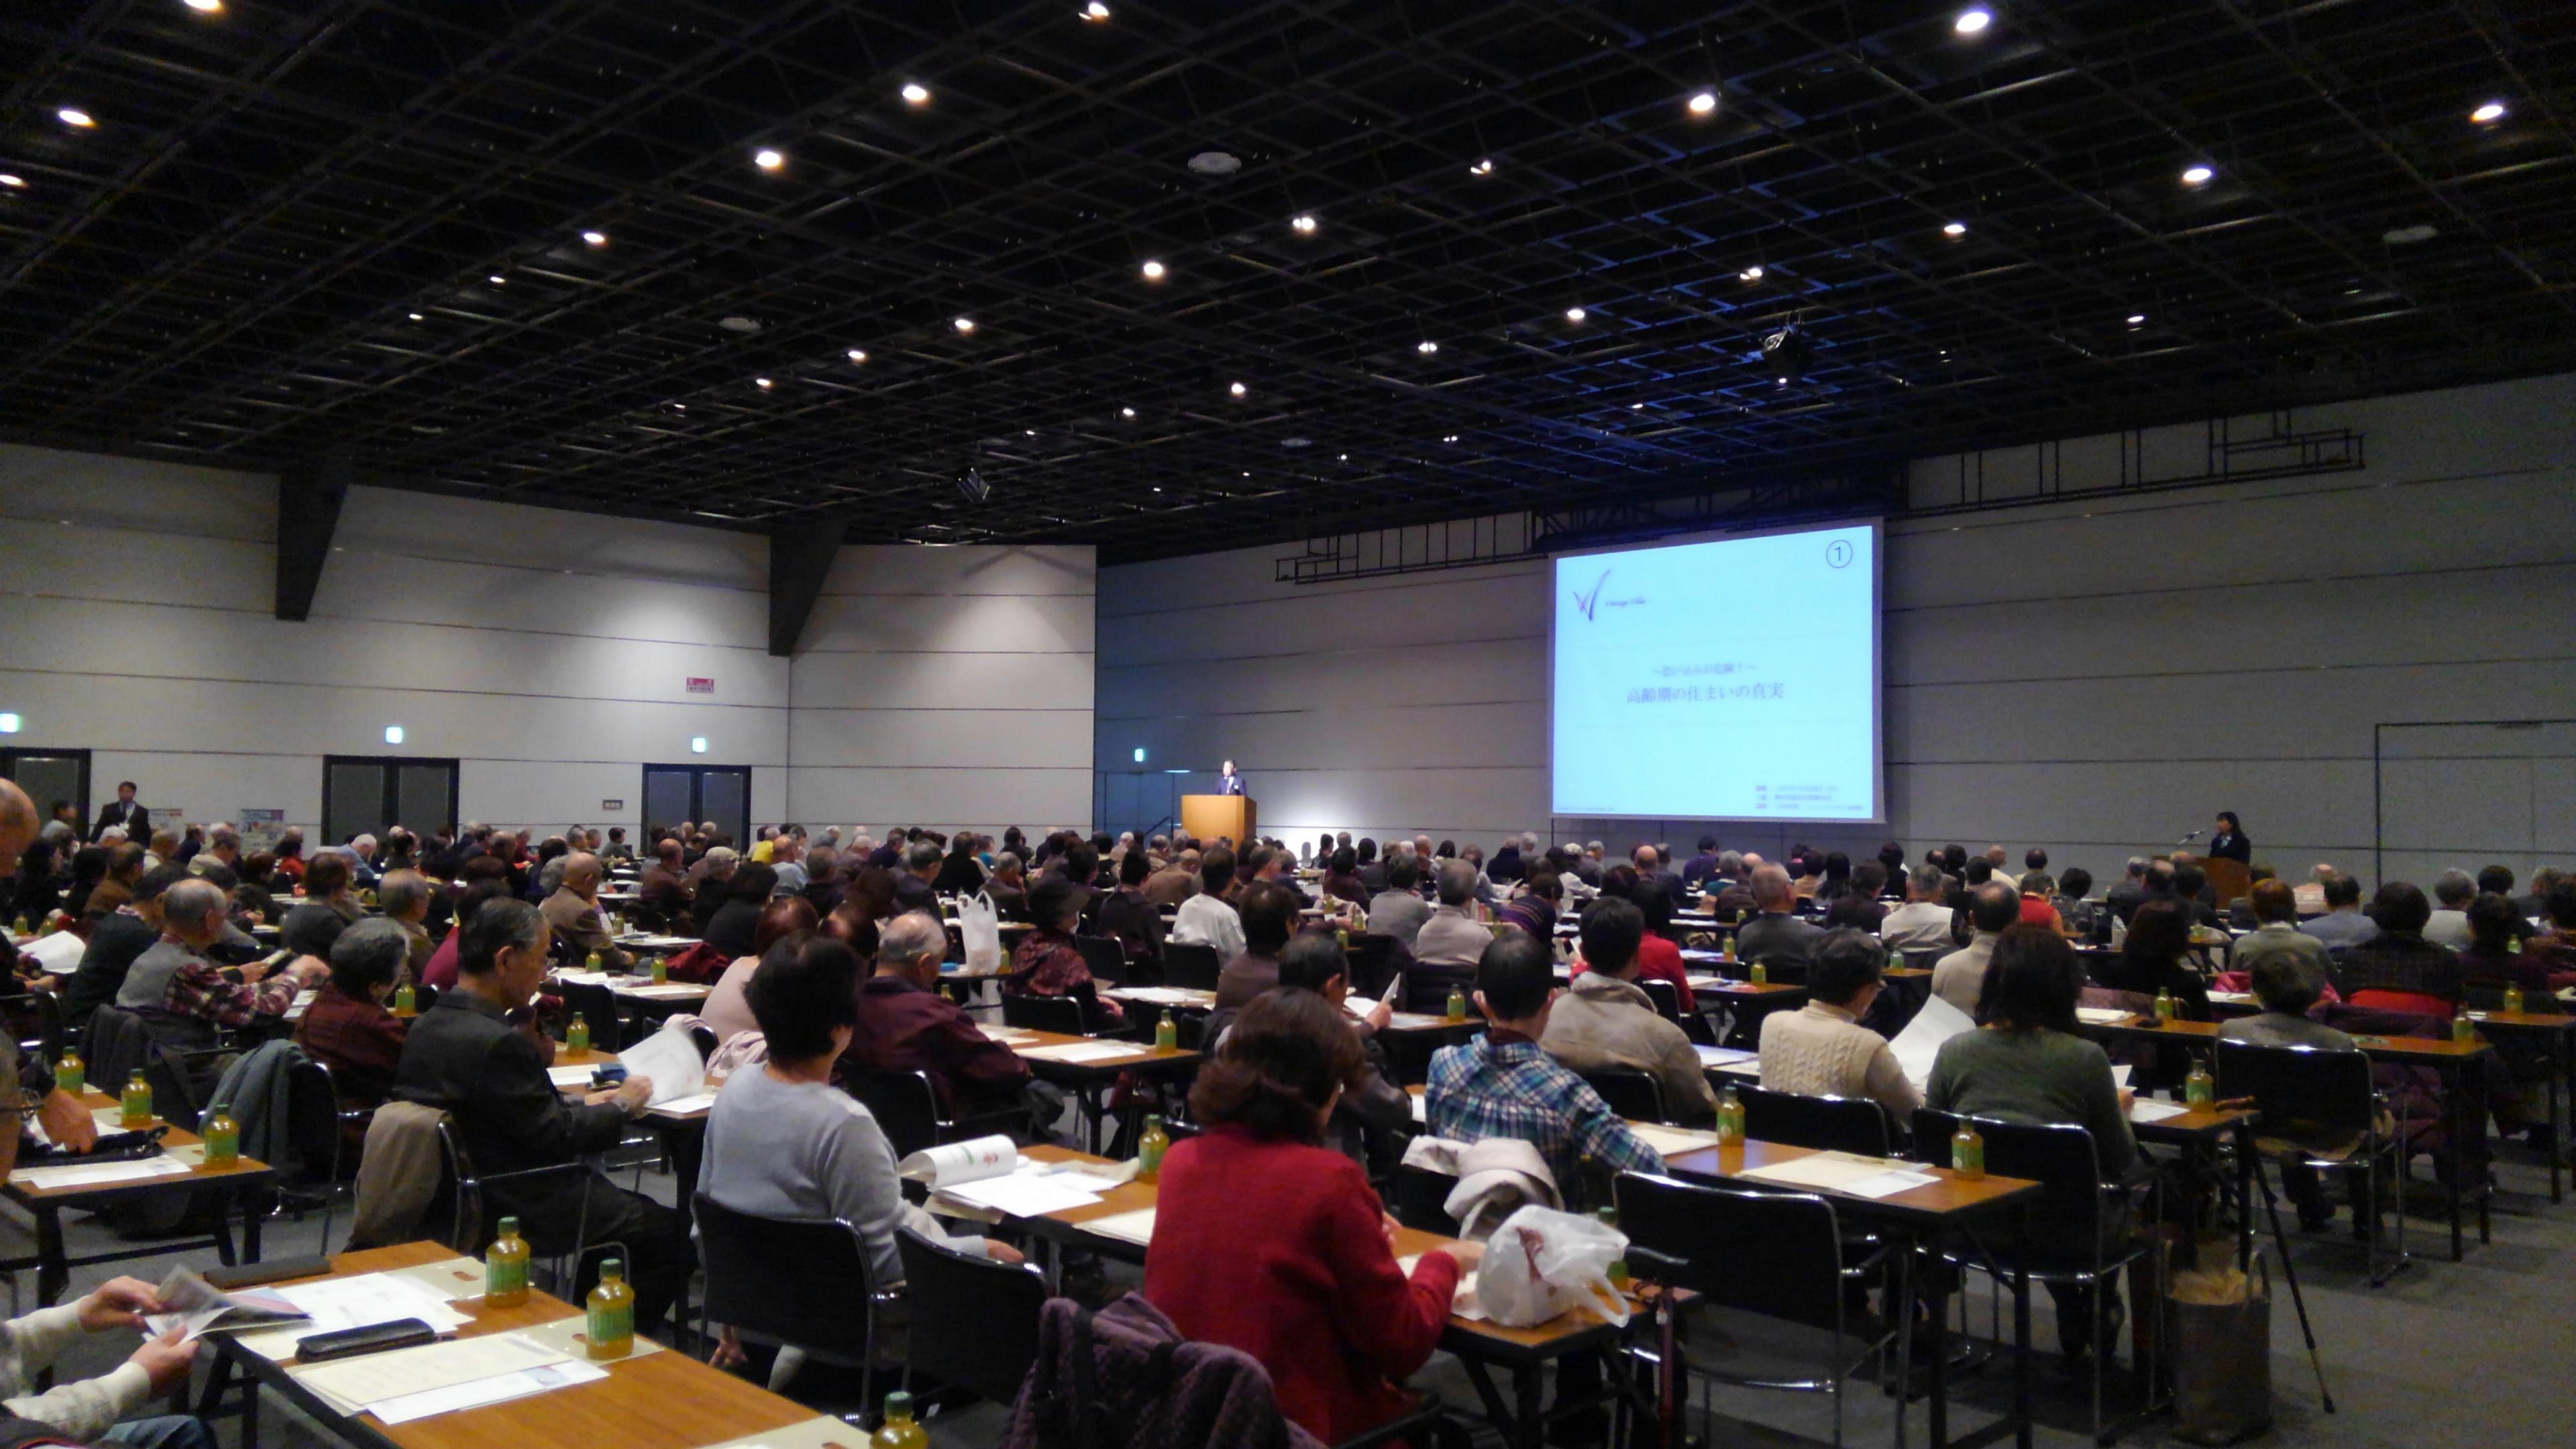 senior_life_seminar_shintoshi_20171128_1.jpg